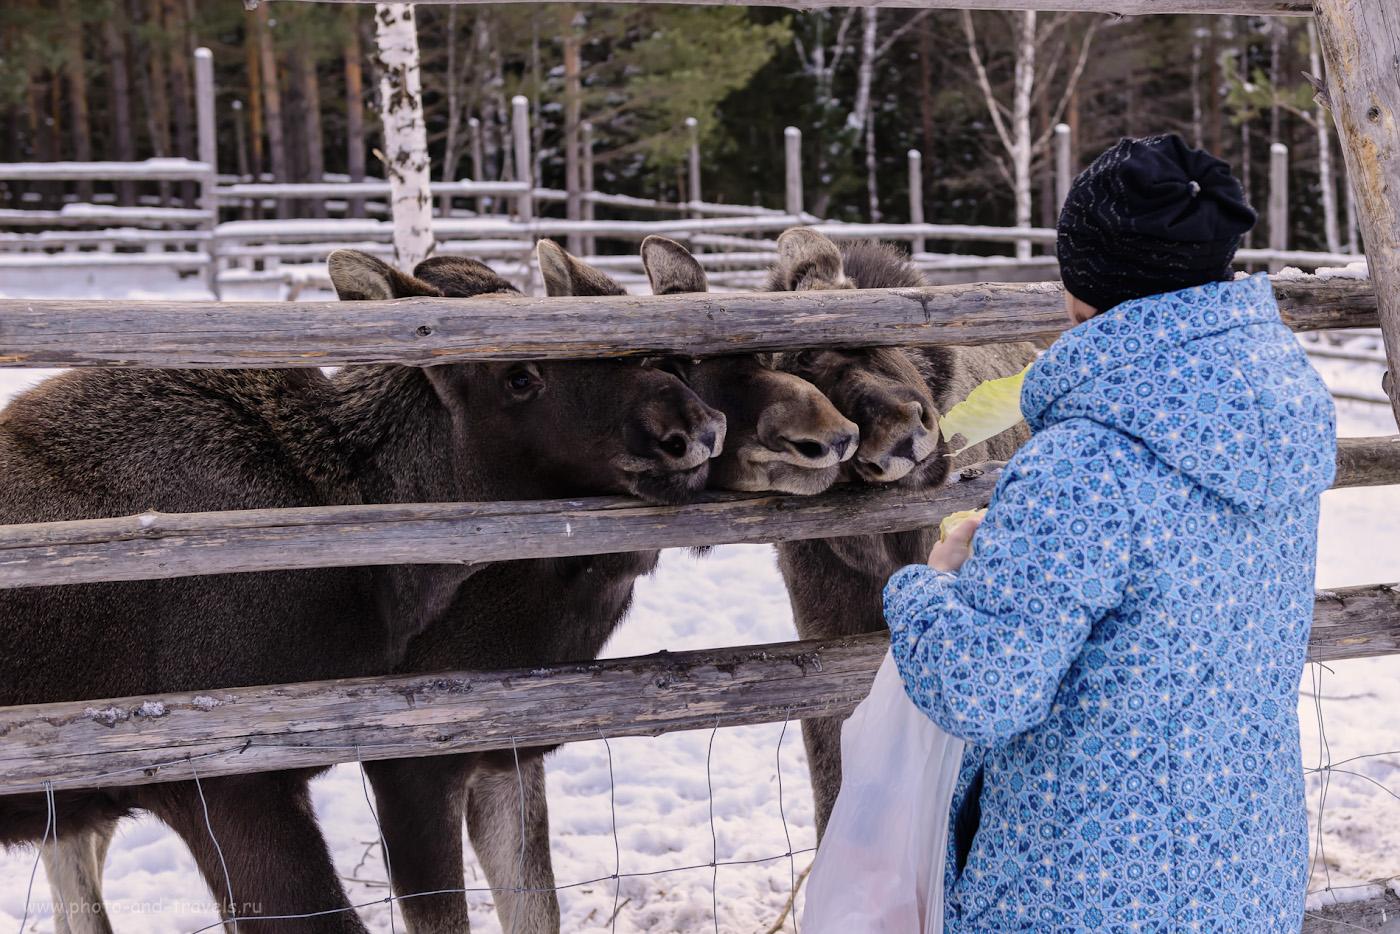 Фотография 26. Лоси в Челябинской области. Отзывы о поездке в парк «Зюраткуль». 1/1600, -1.0, 4.0, 400, 44.